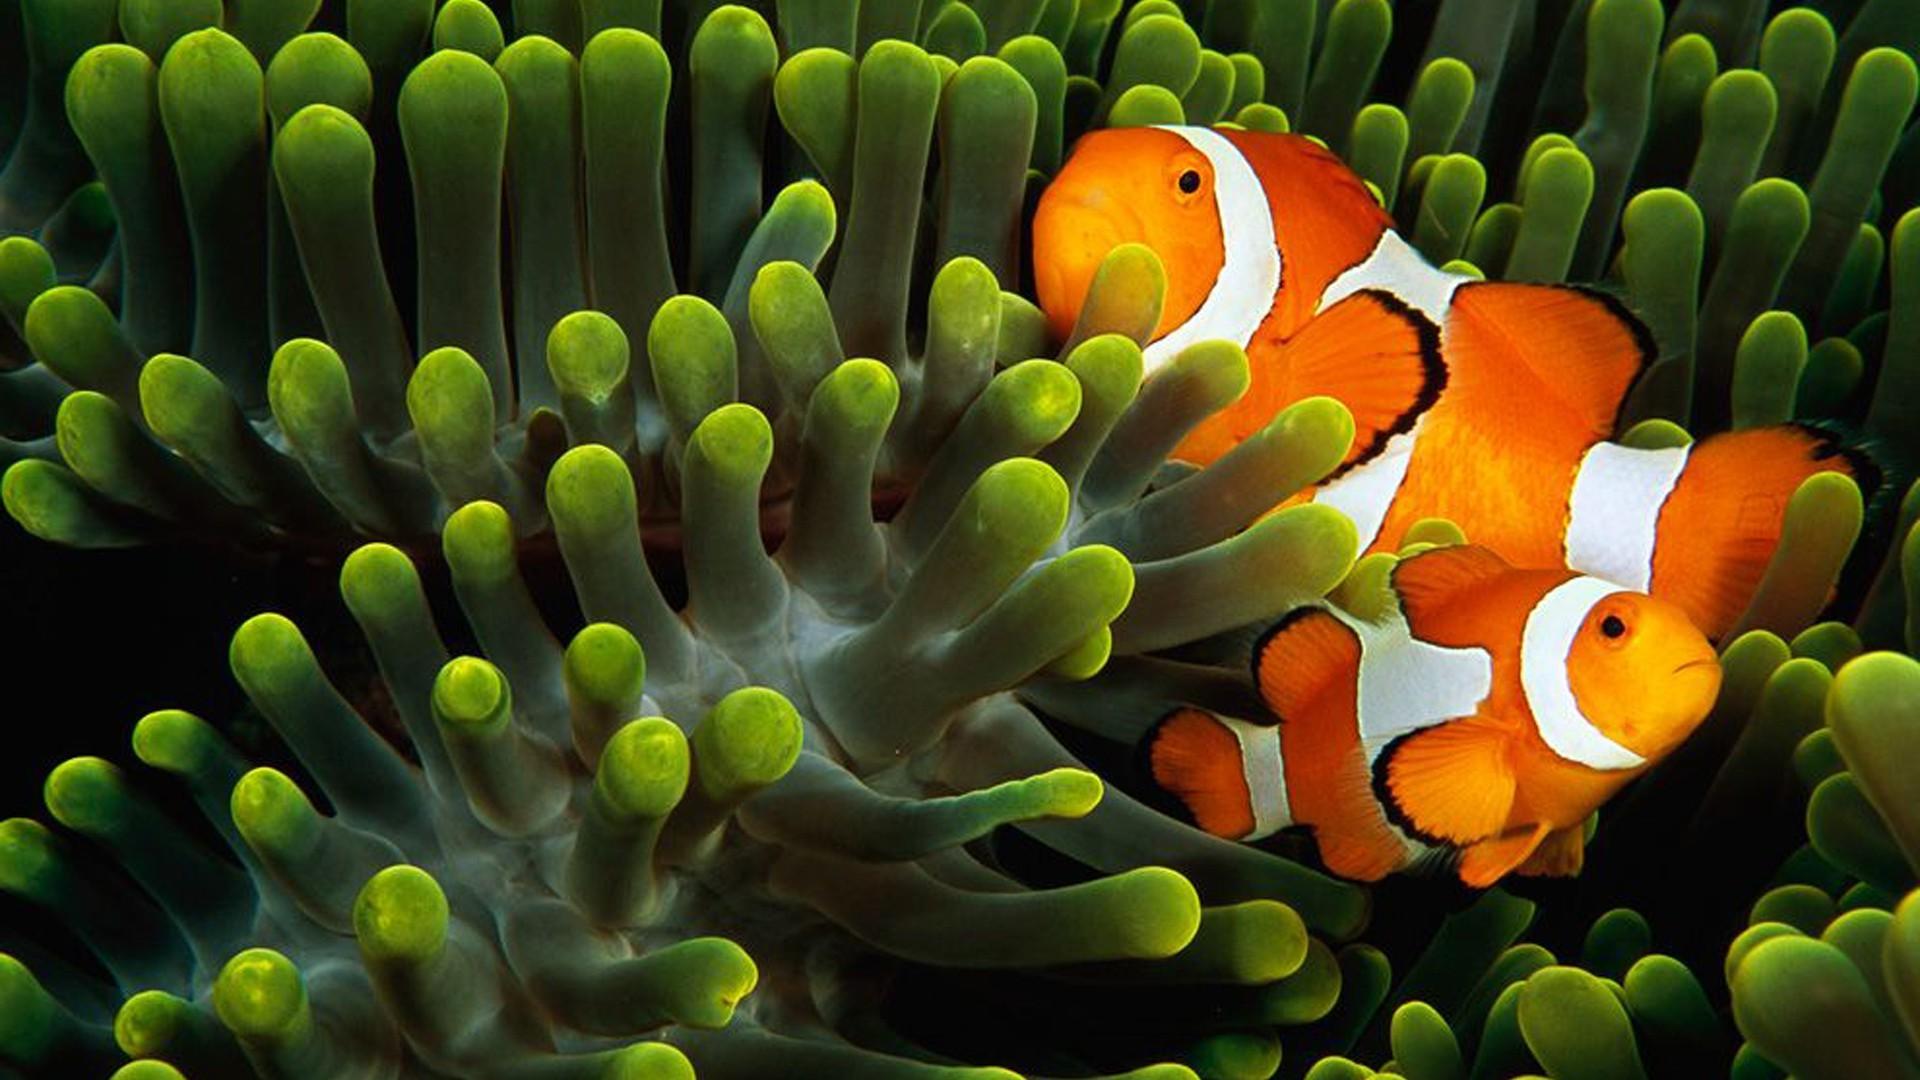 Wallpaper : animals, underwater, coral reef, clownfish, 1920x1080 px